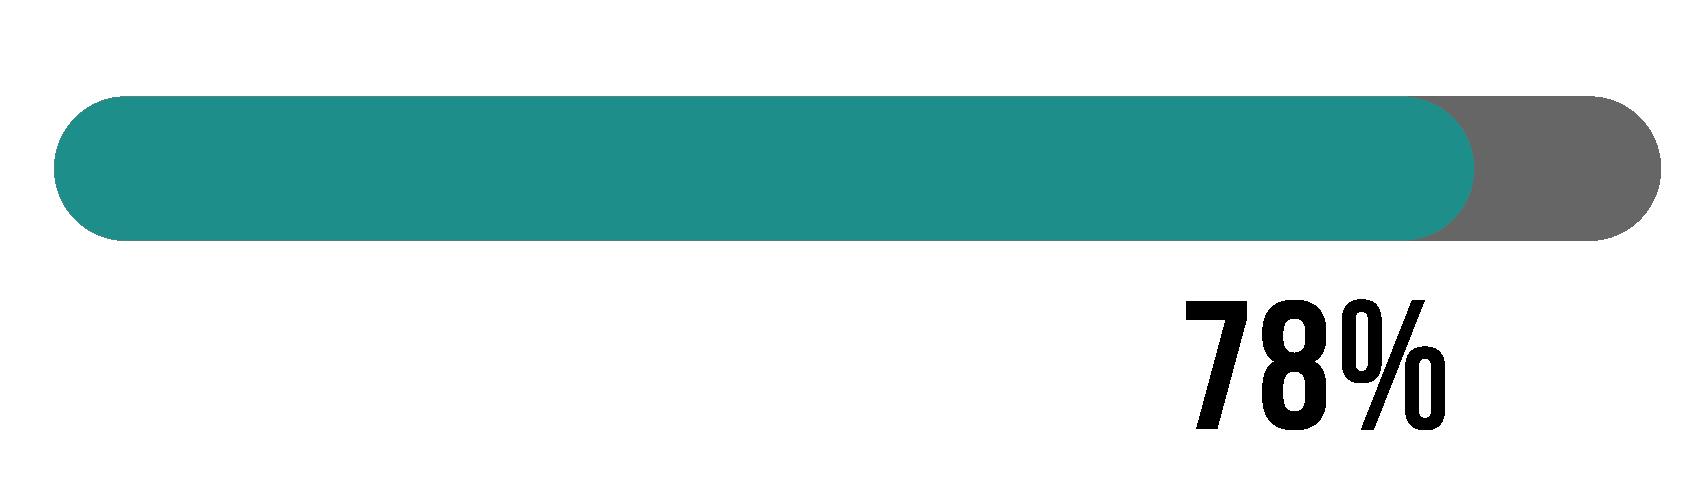 A progress bar